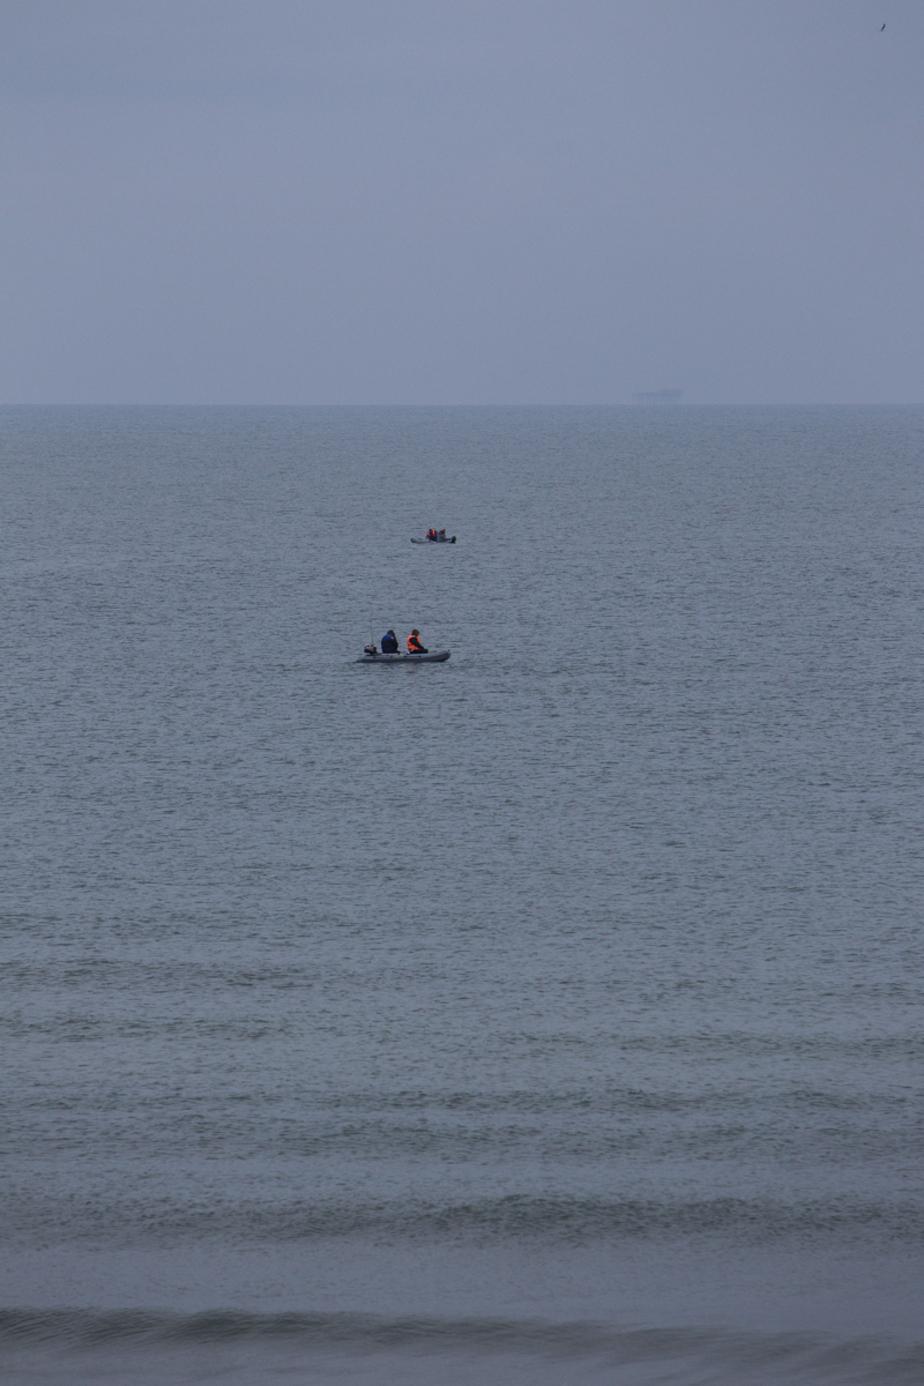 Поиски с воздуха пропавших в Калининградском заливе рыбаков не принесли результатов  - Новости Калининграда